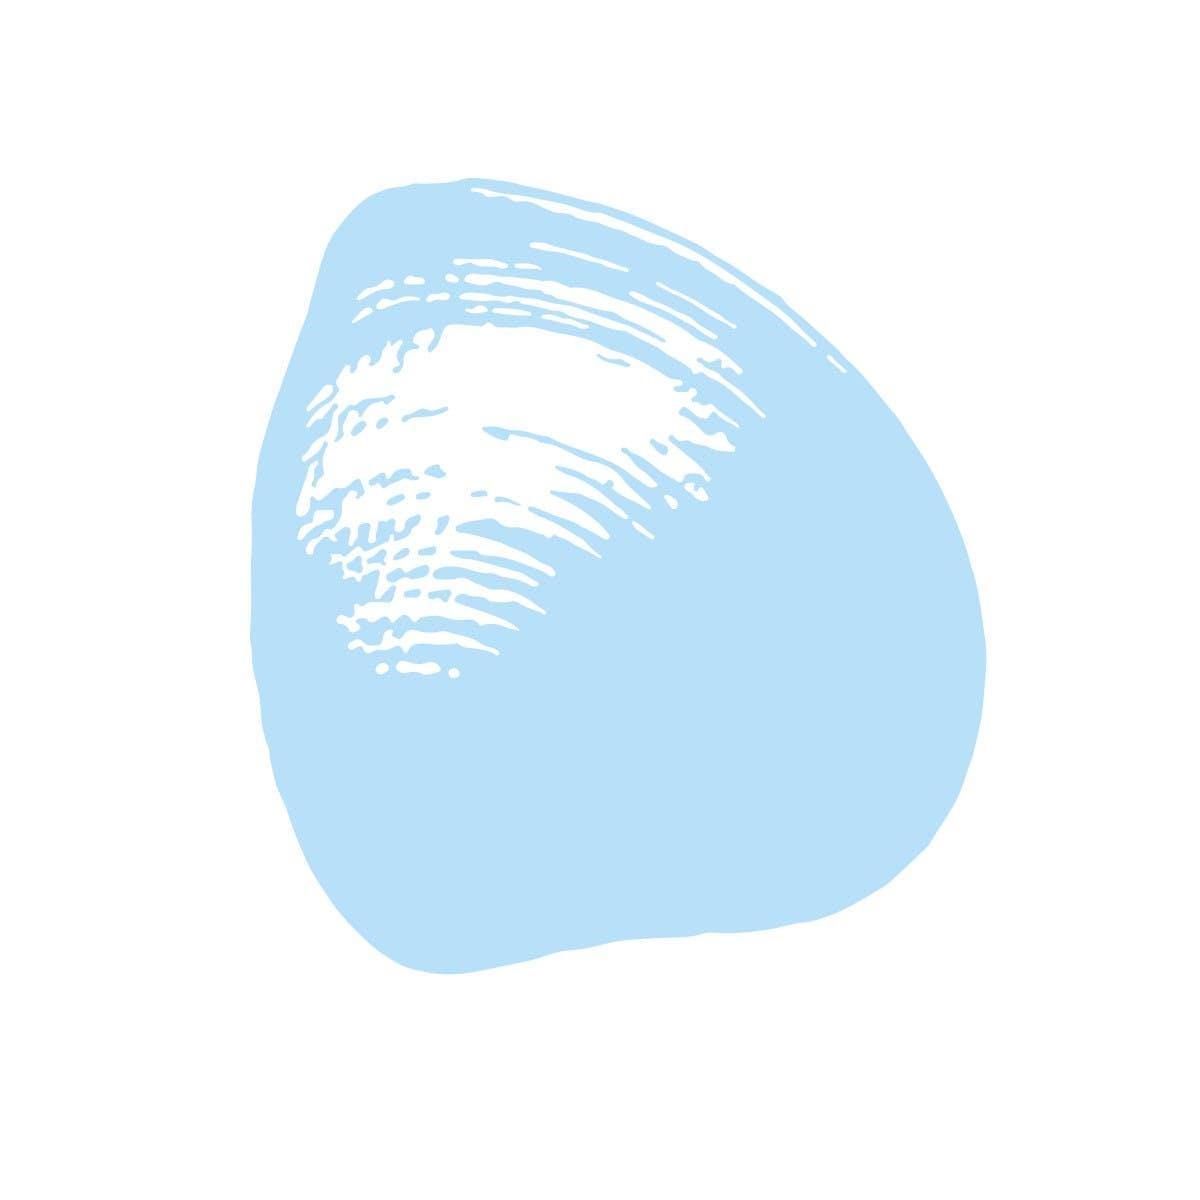 Clam Image - 2